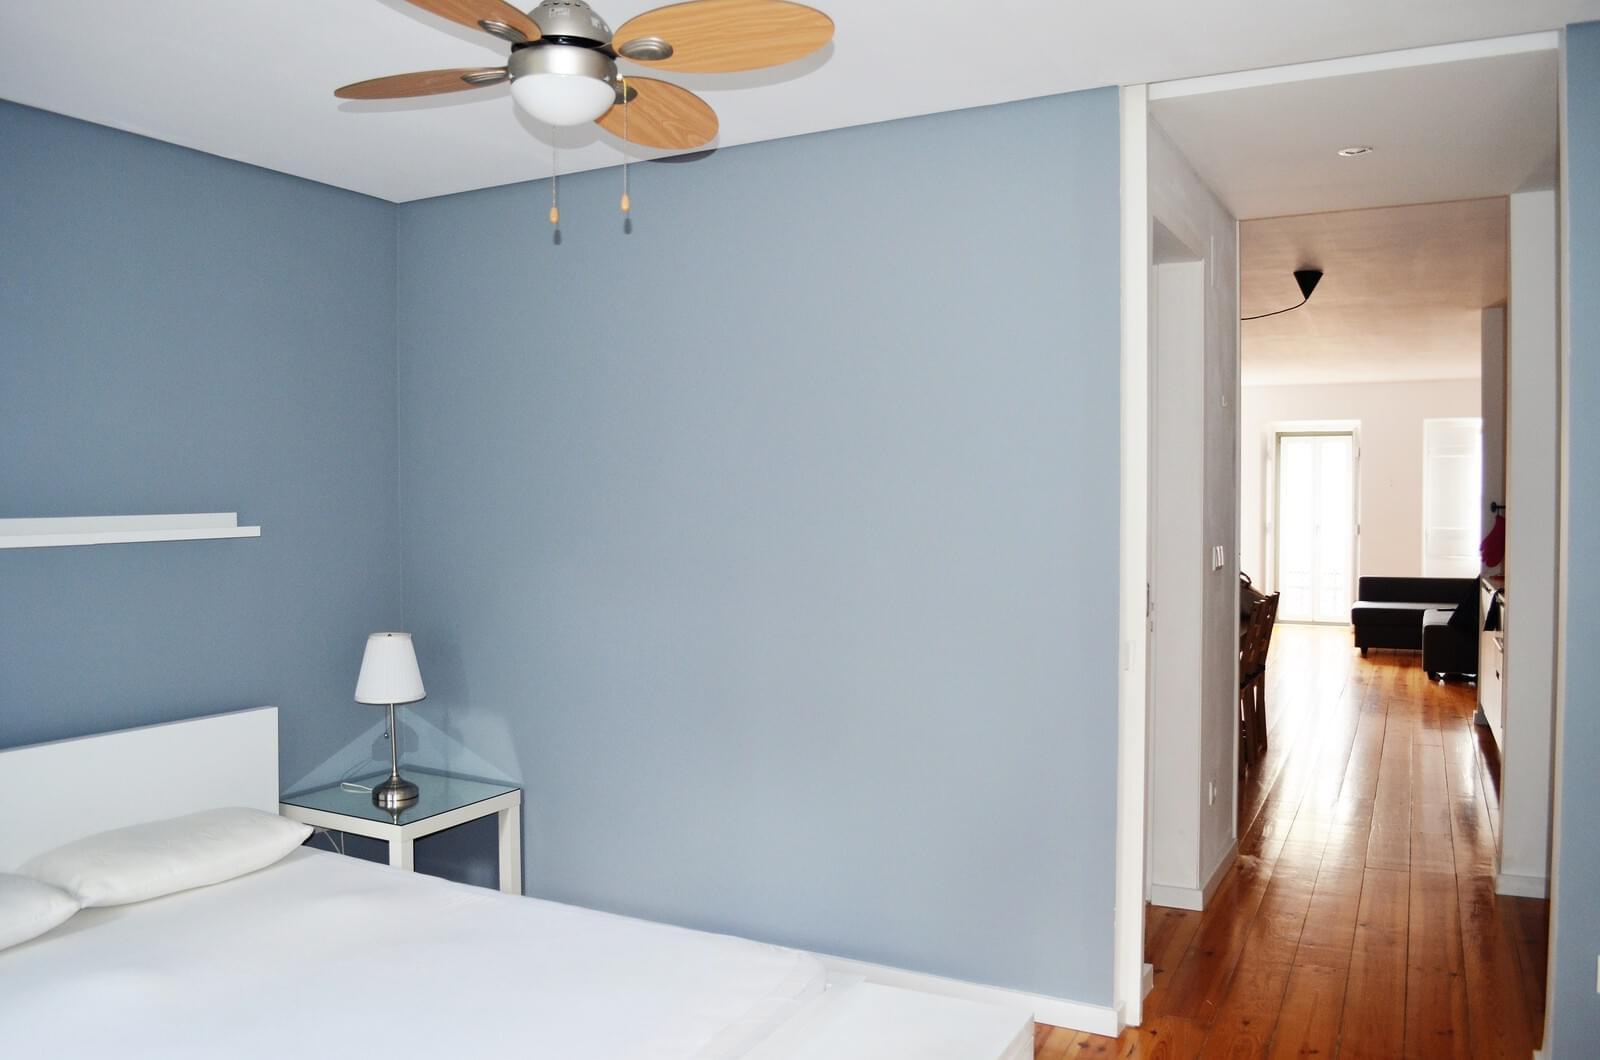 pf17785-apartamento-t1-lisboa-6ab72ce5-1b06-48f4-9a35-e92f666142a4